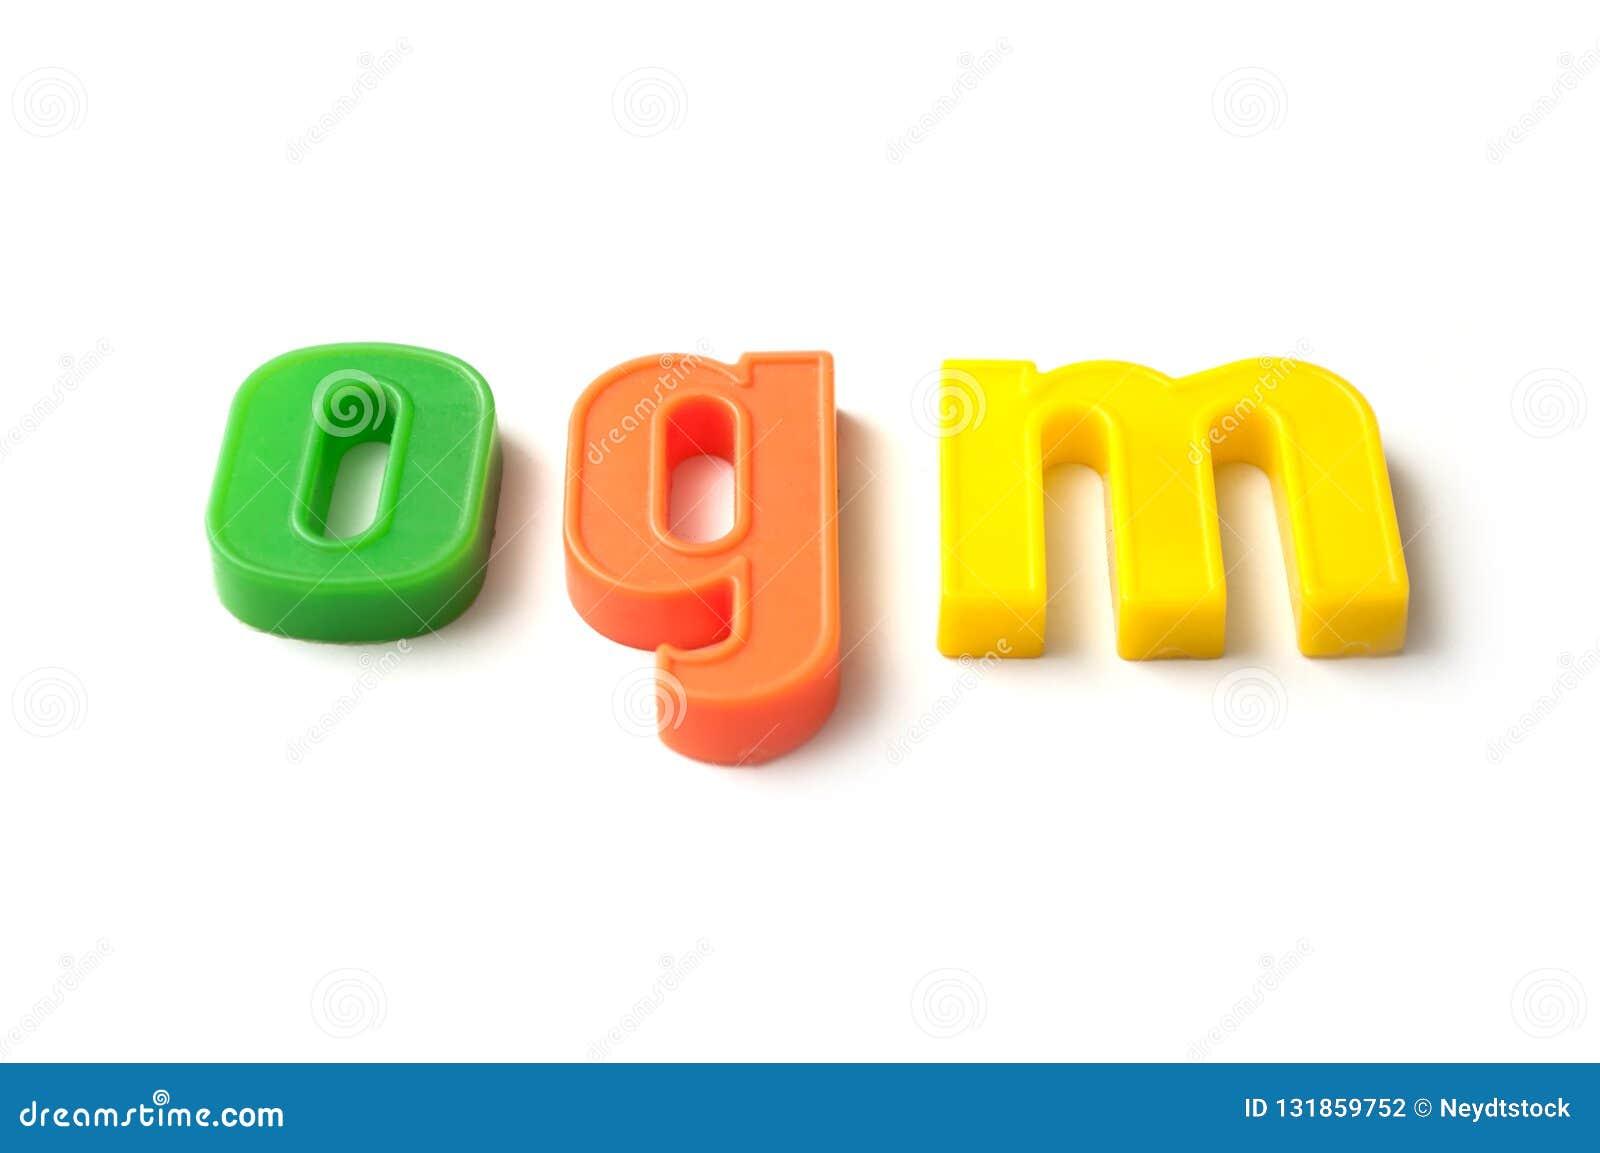 красочные пластиковые письма на белой предпосылке - ogm